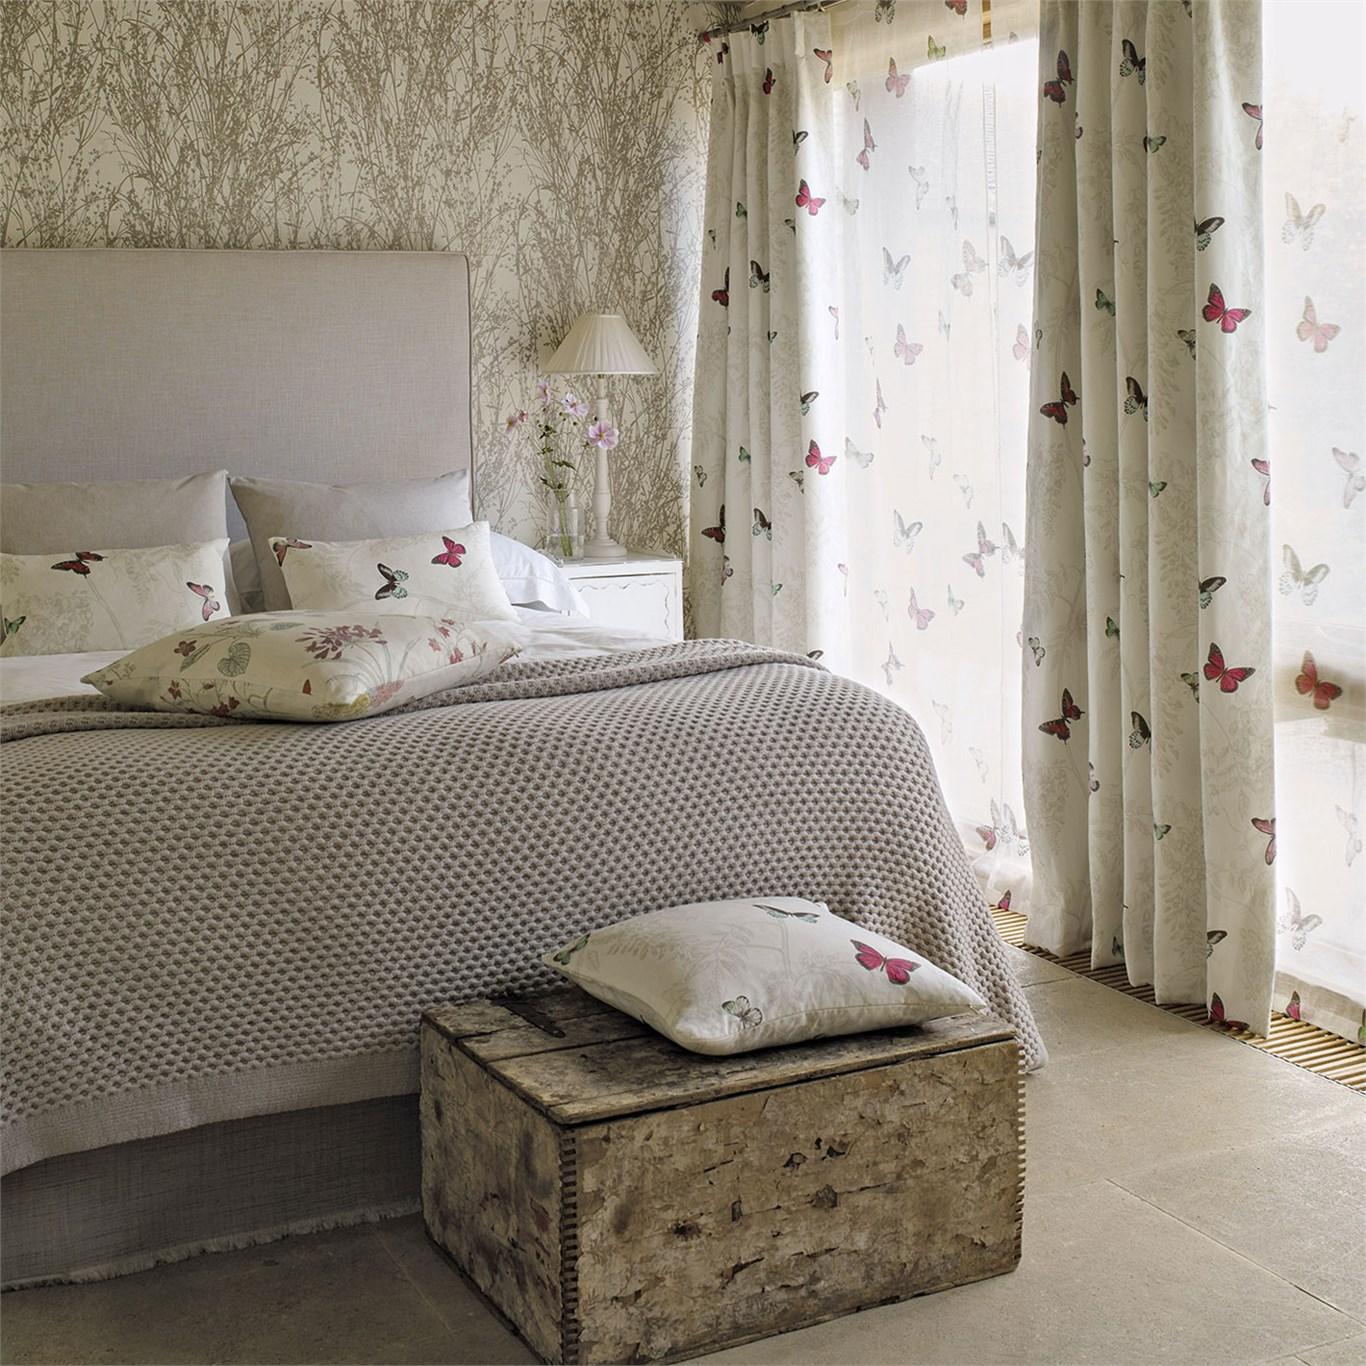 Текстиль с бабочками